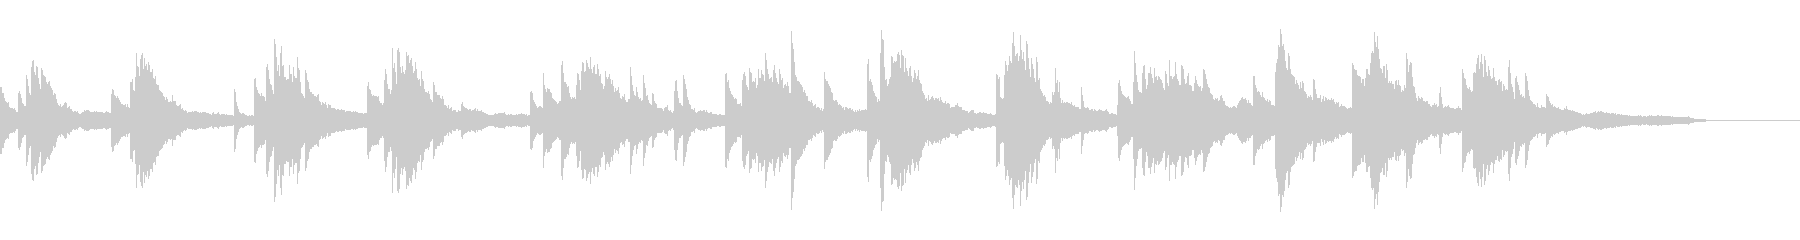 映像・ナレーション用ピアノ演奏(幻想2)の未再生の波形